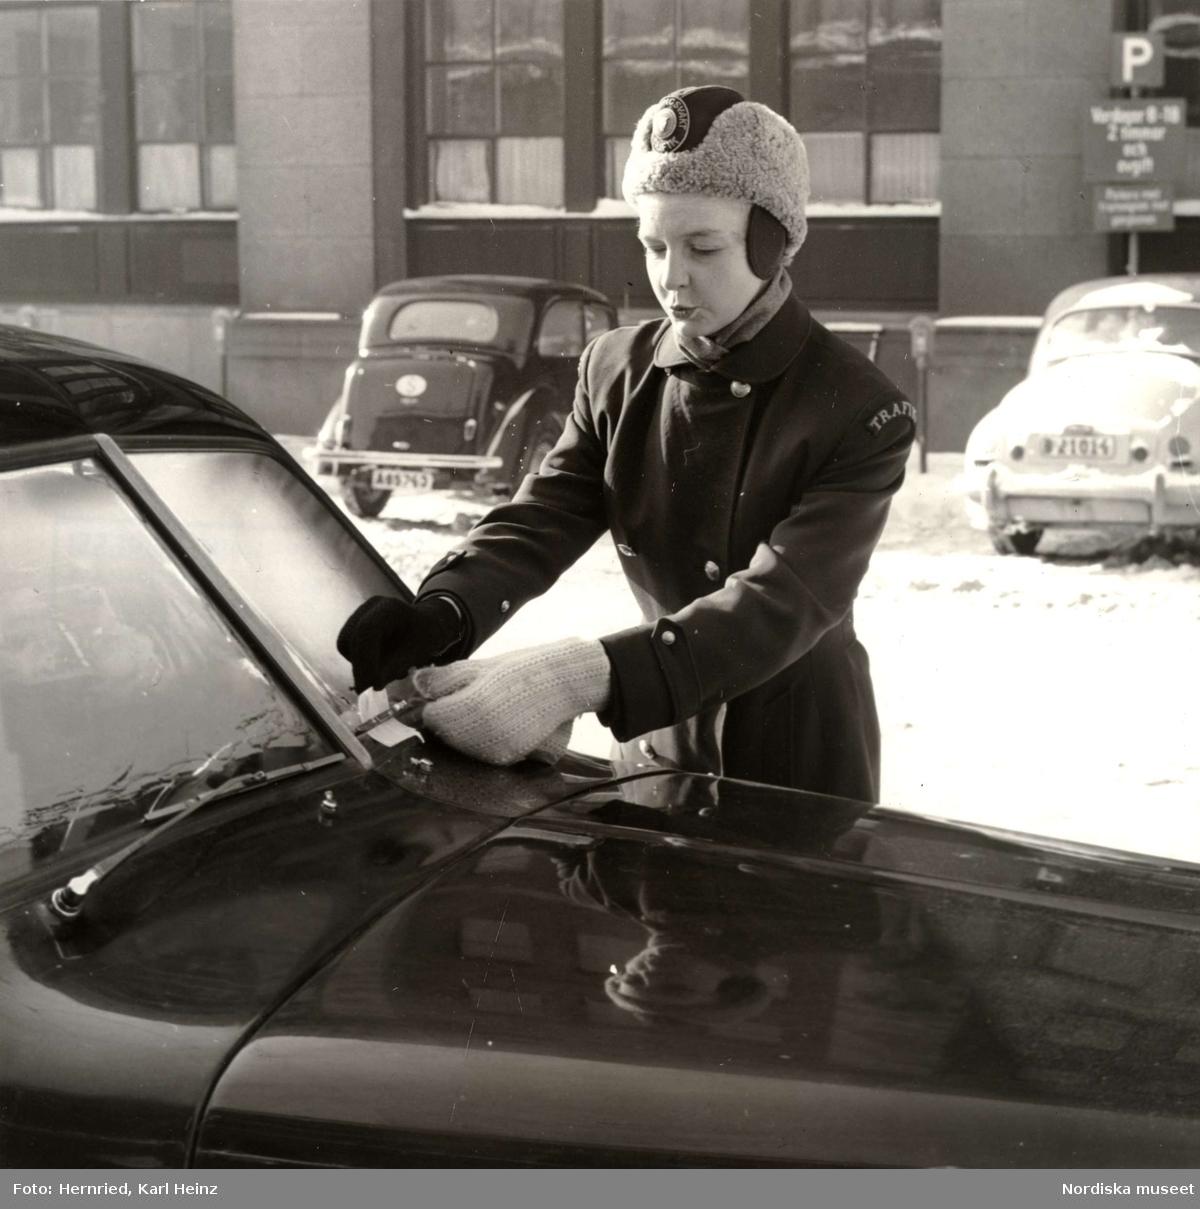 Parkeringsvakt i vinterkläder fäster böteslapp på felparkerad bil.